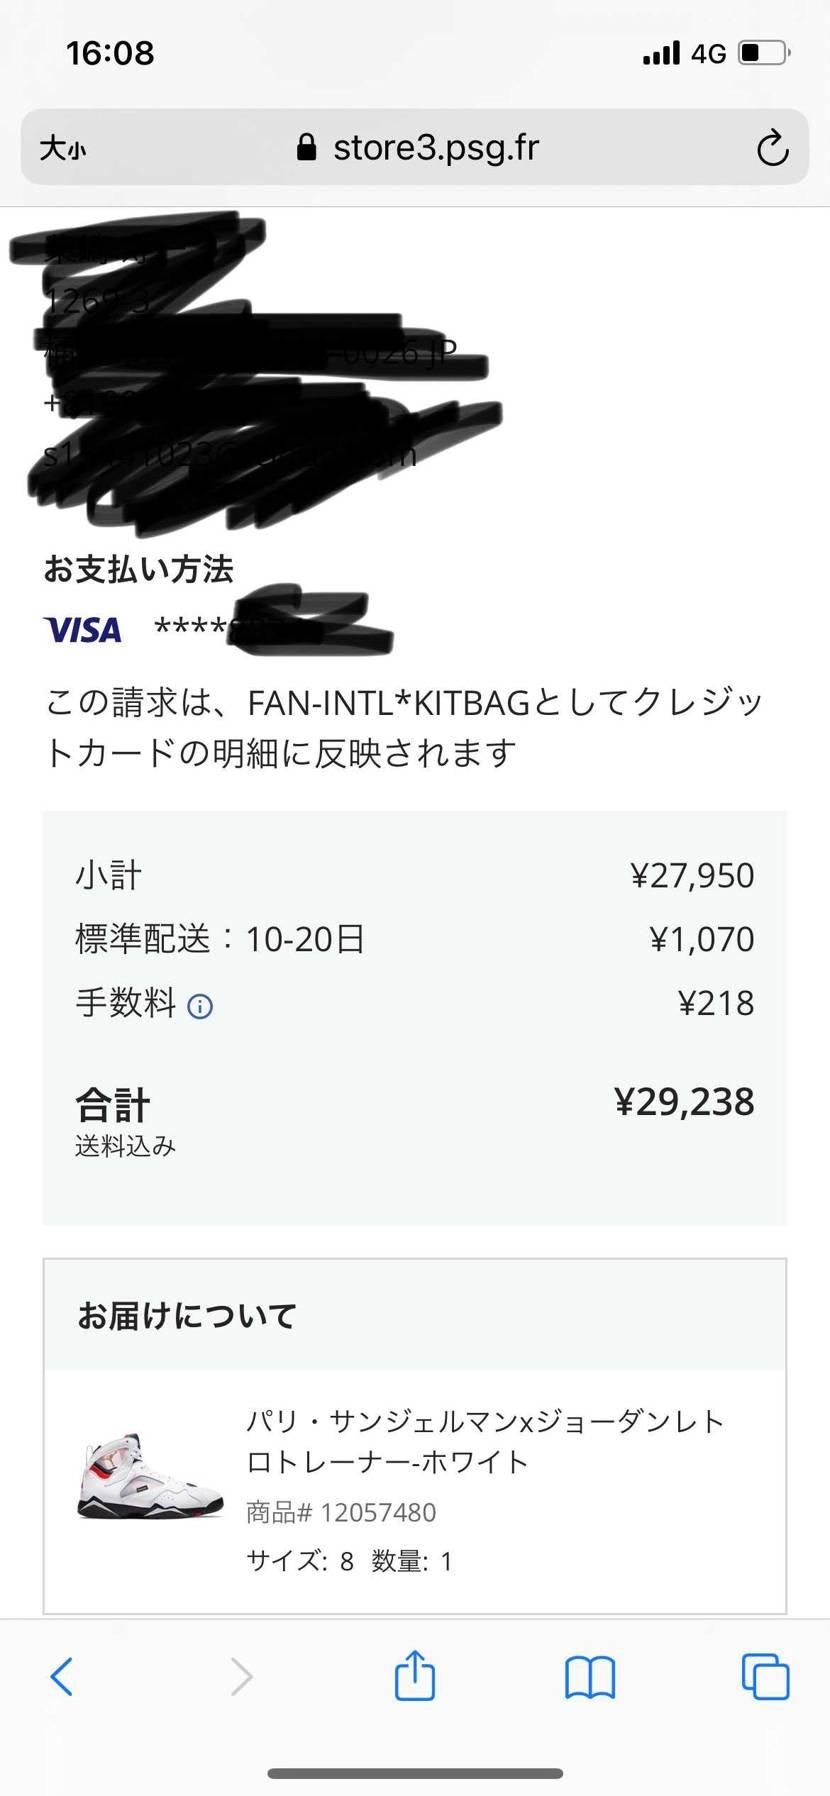 このだと注文確認メールこないのですか? 返品しようにも日本語にならず、わからな